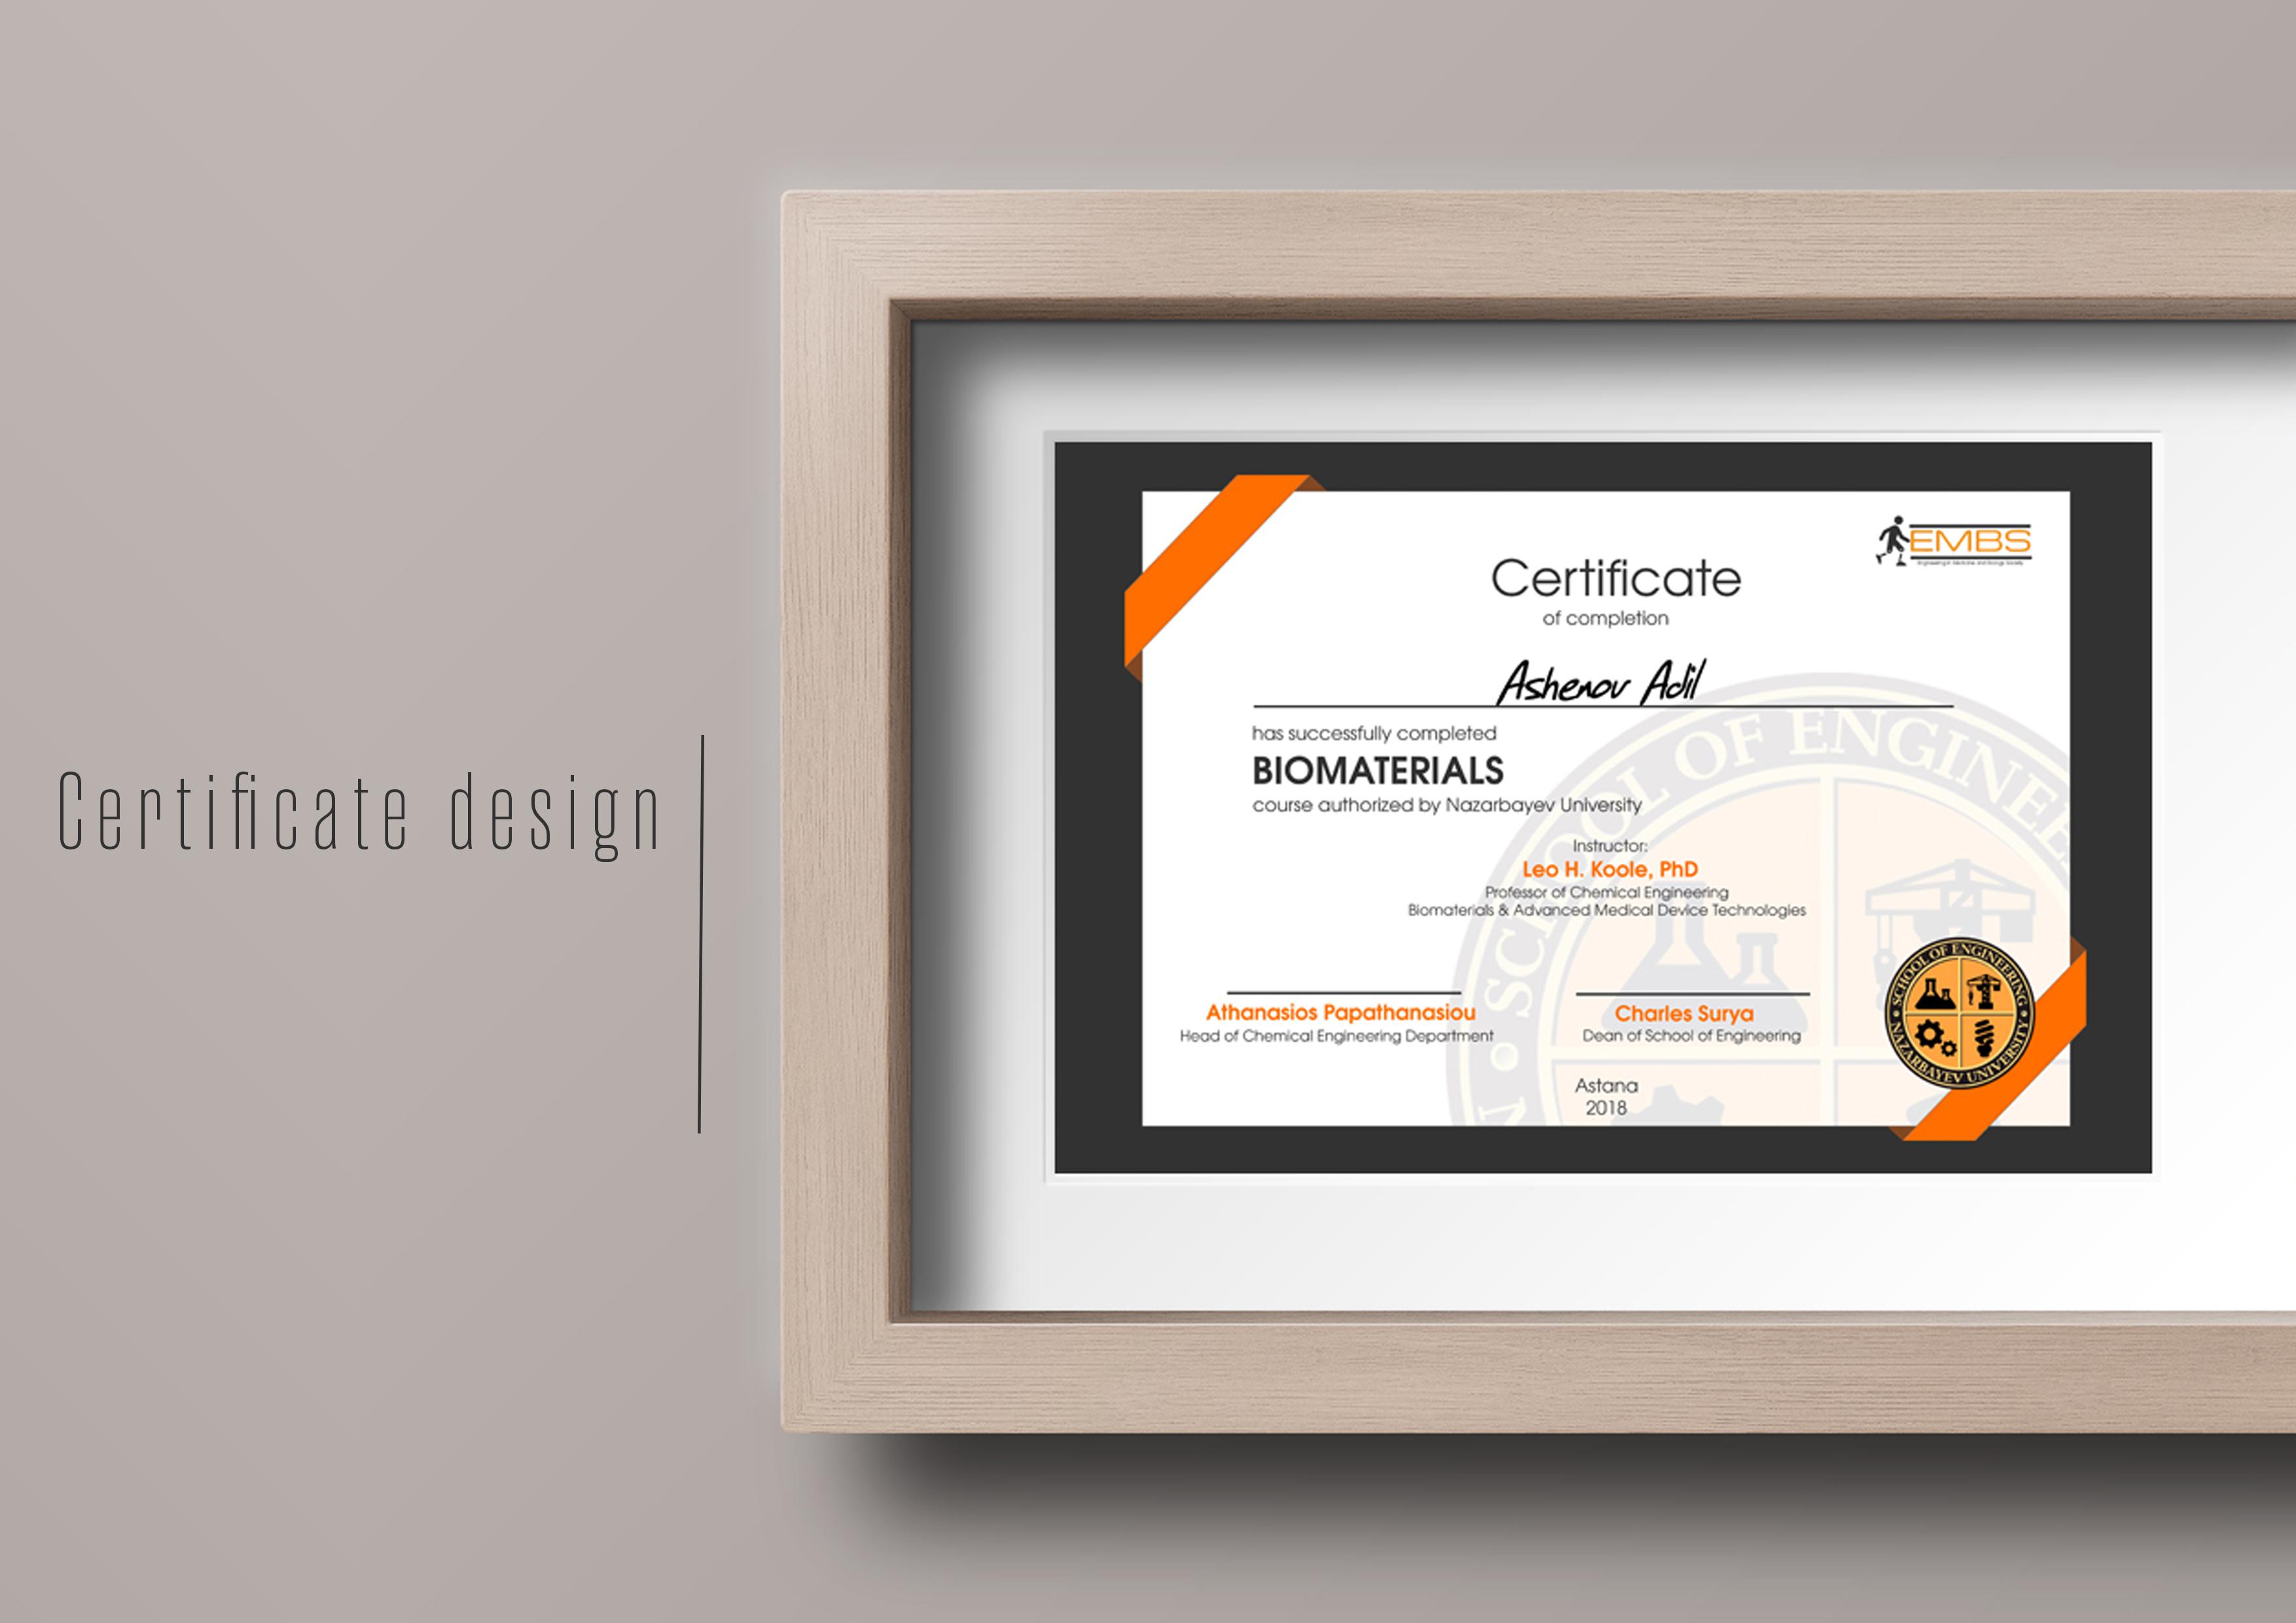 Certificateportf